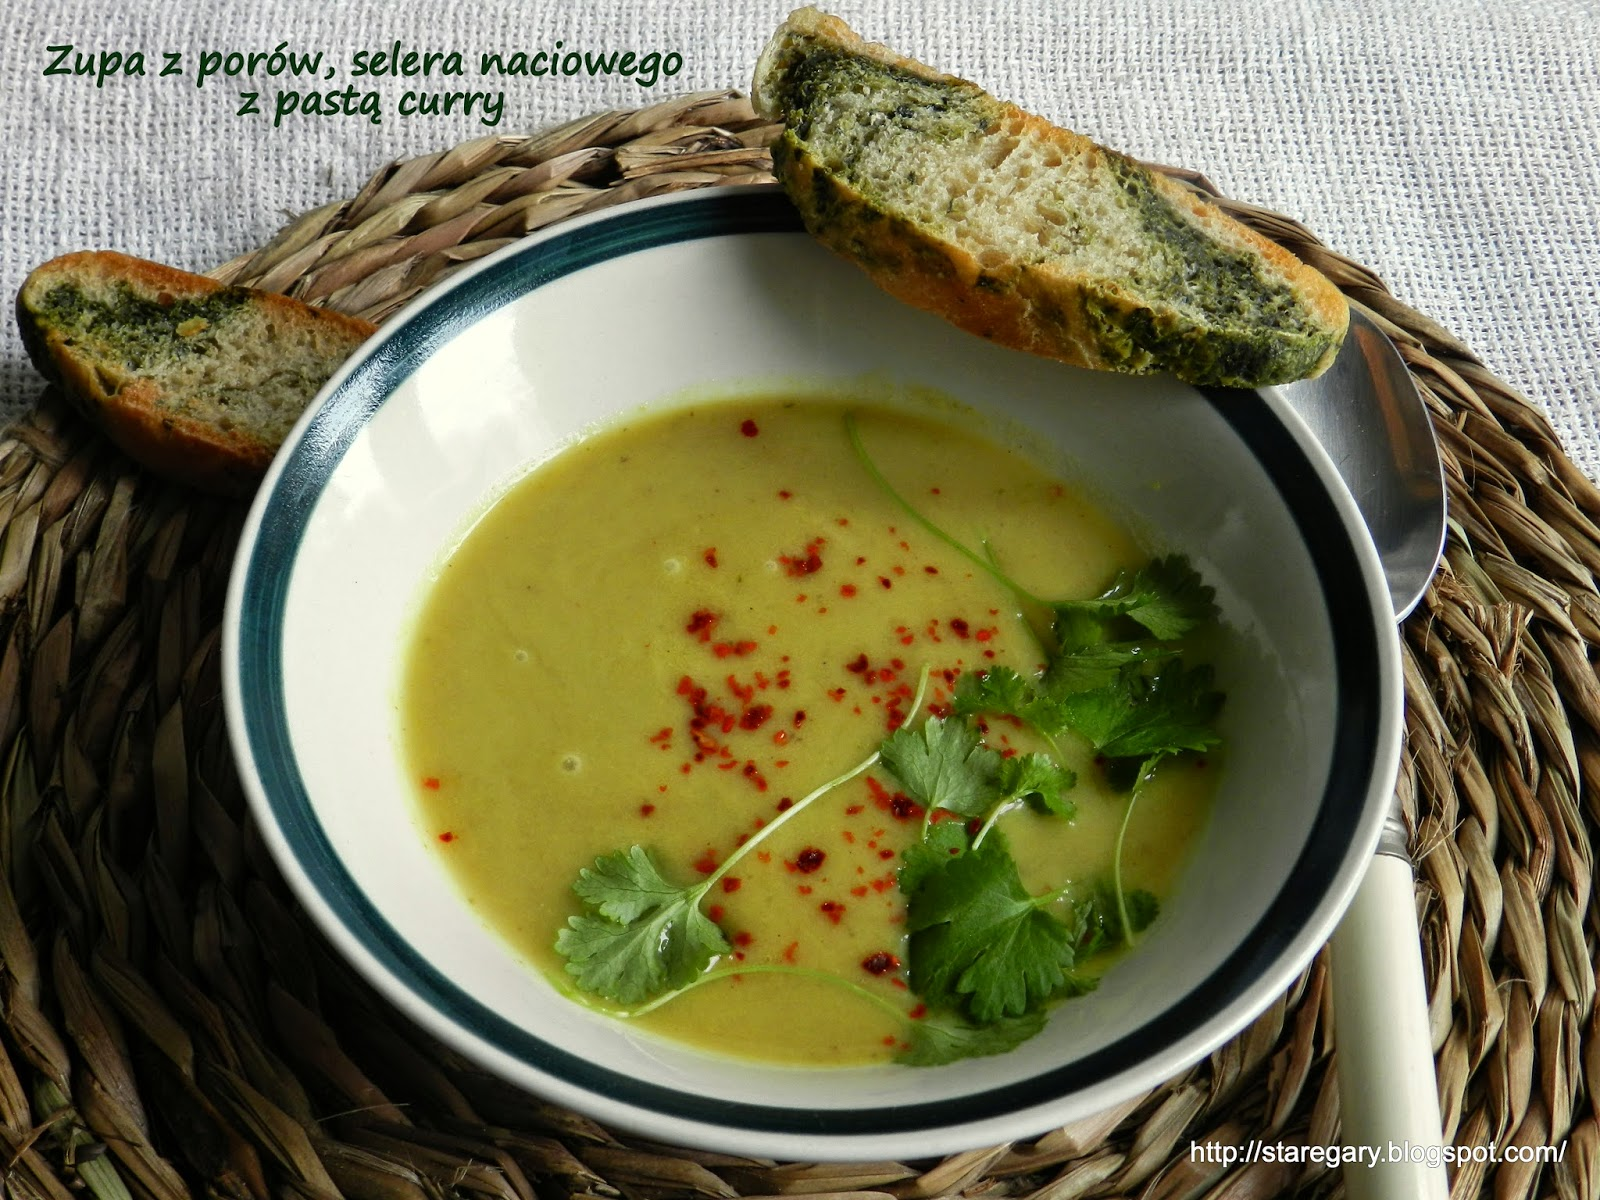 Zupa z porów, selera naciowego z pastą curry